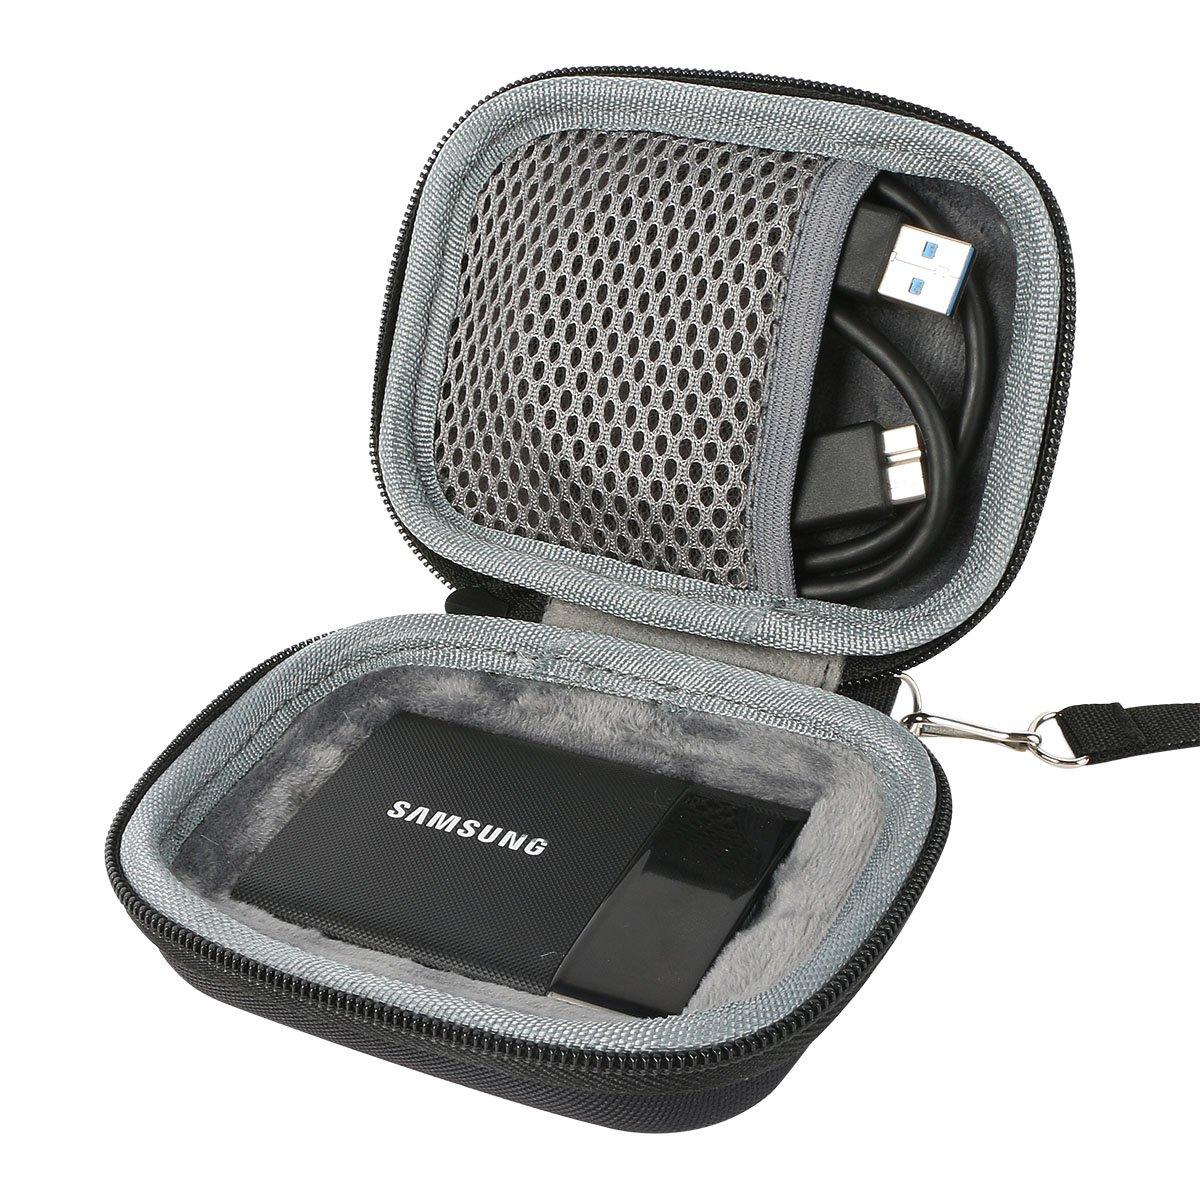 para Samsung Memory 1 T1 Disco duro de estado sólido (SSD externa ...